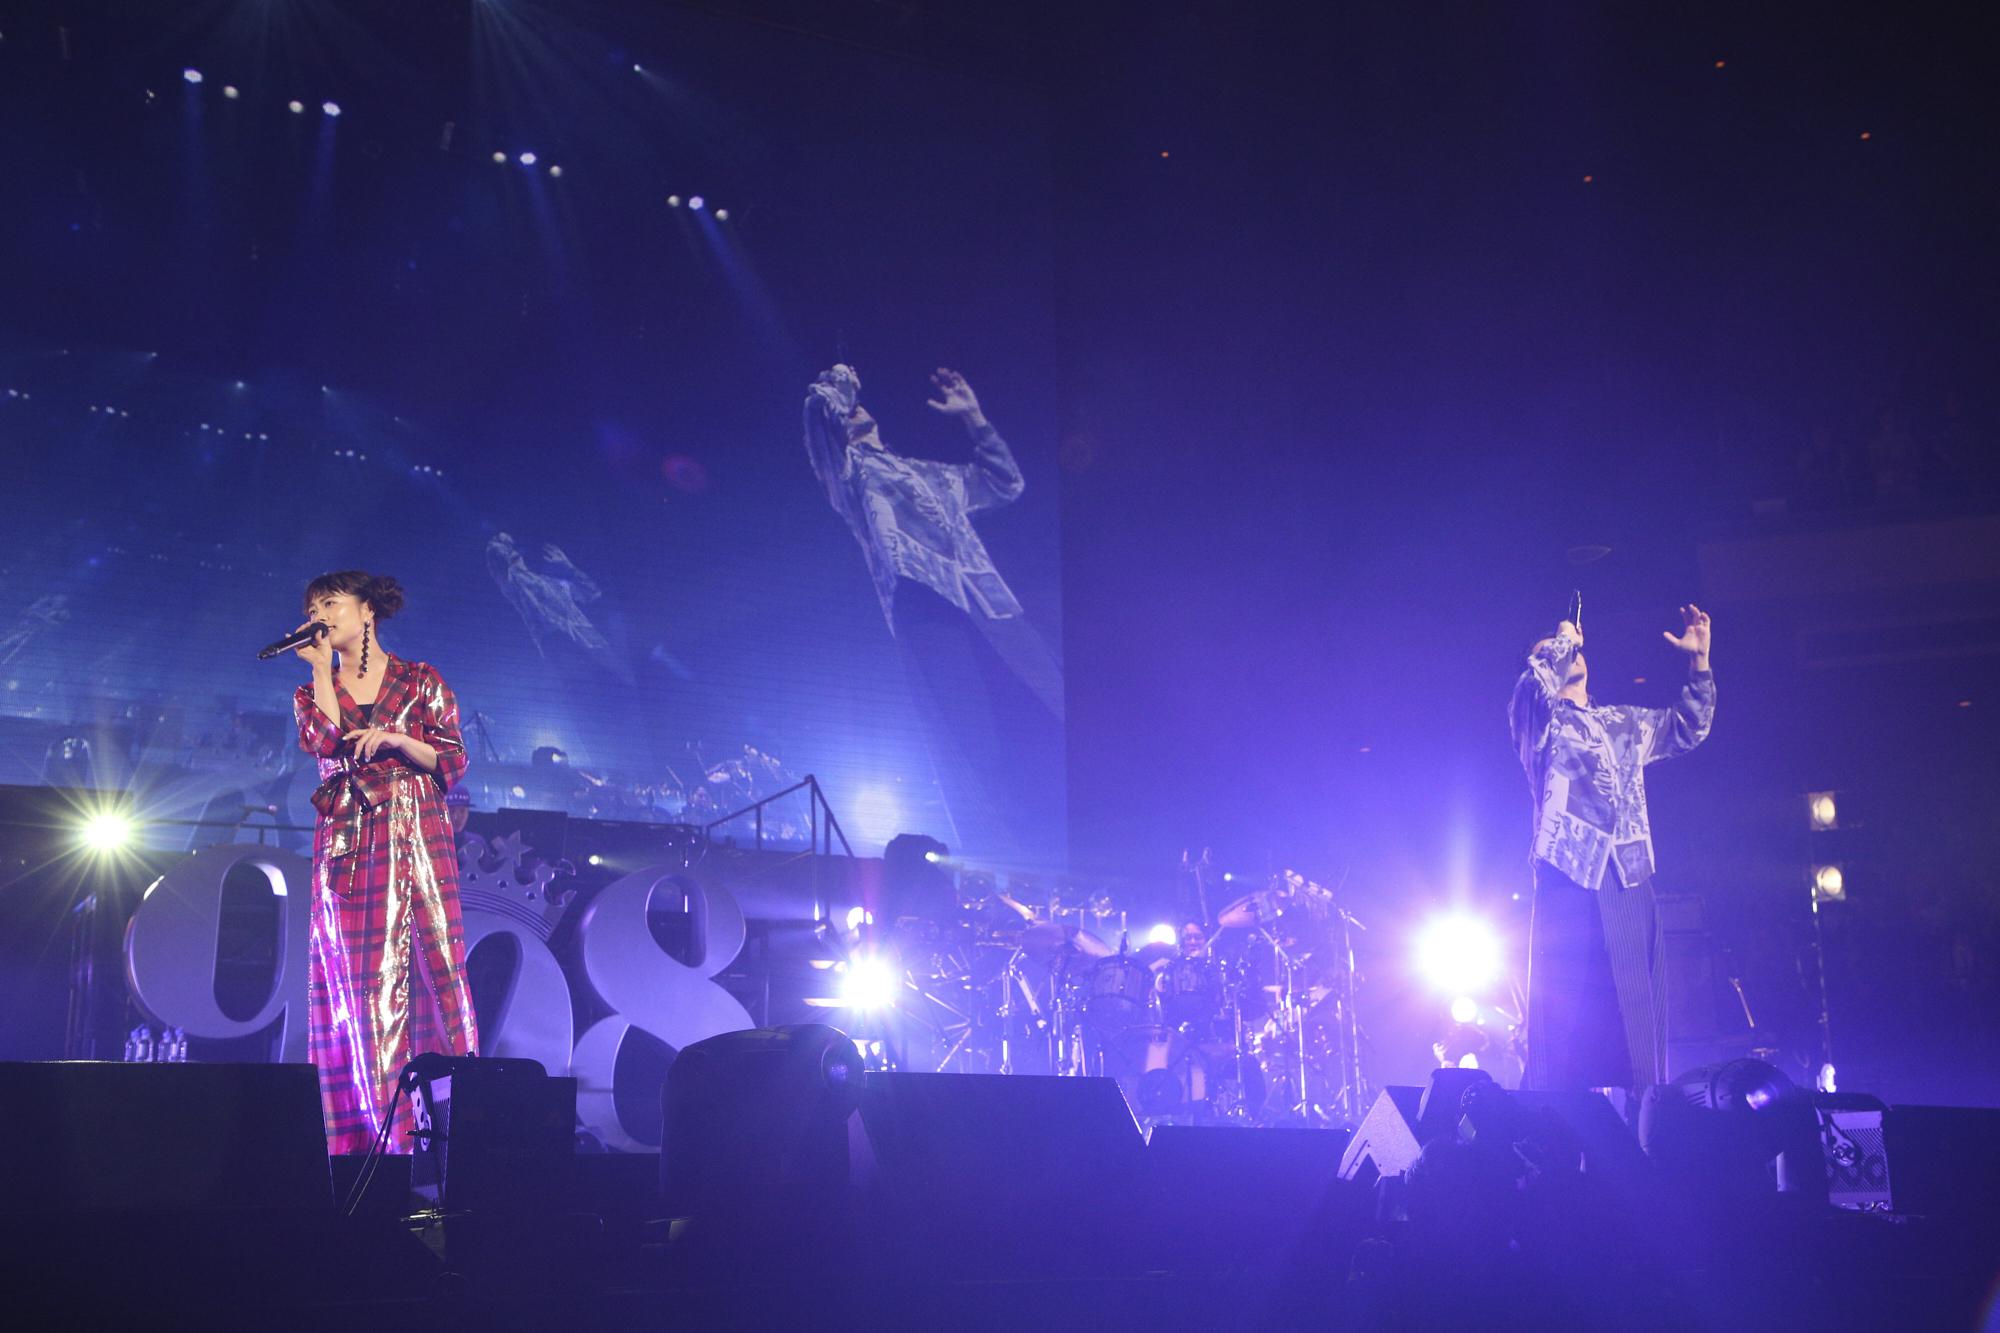 高畑充希 『908 FESTIVAL 2018』(撮影:西槇太一&中河原理英)